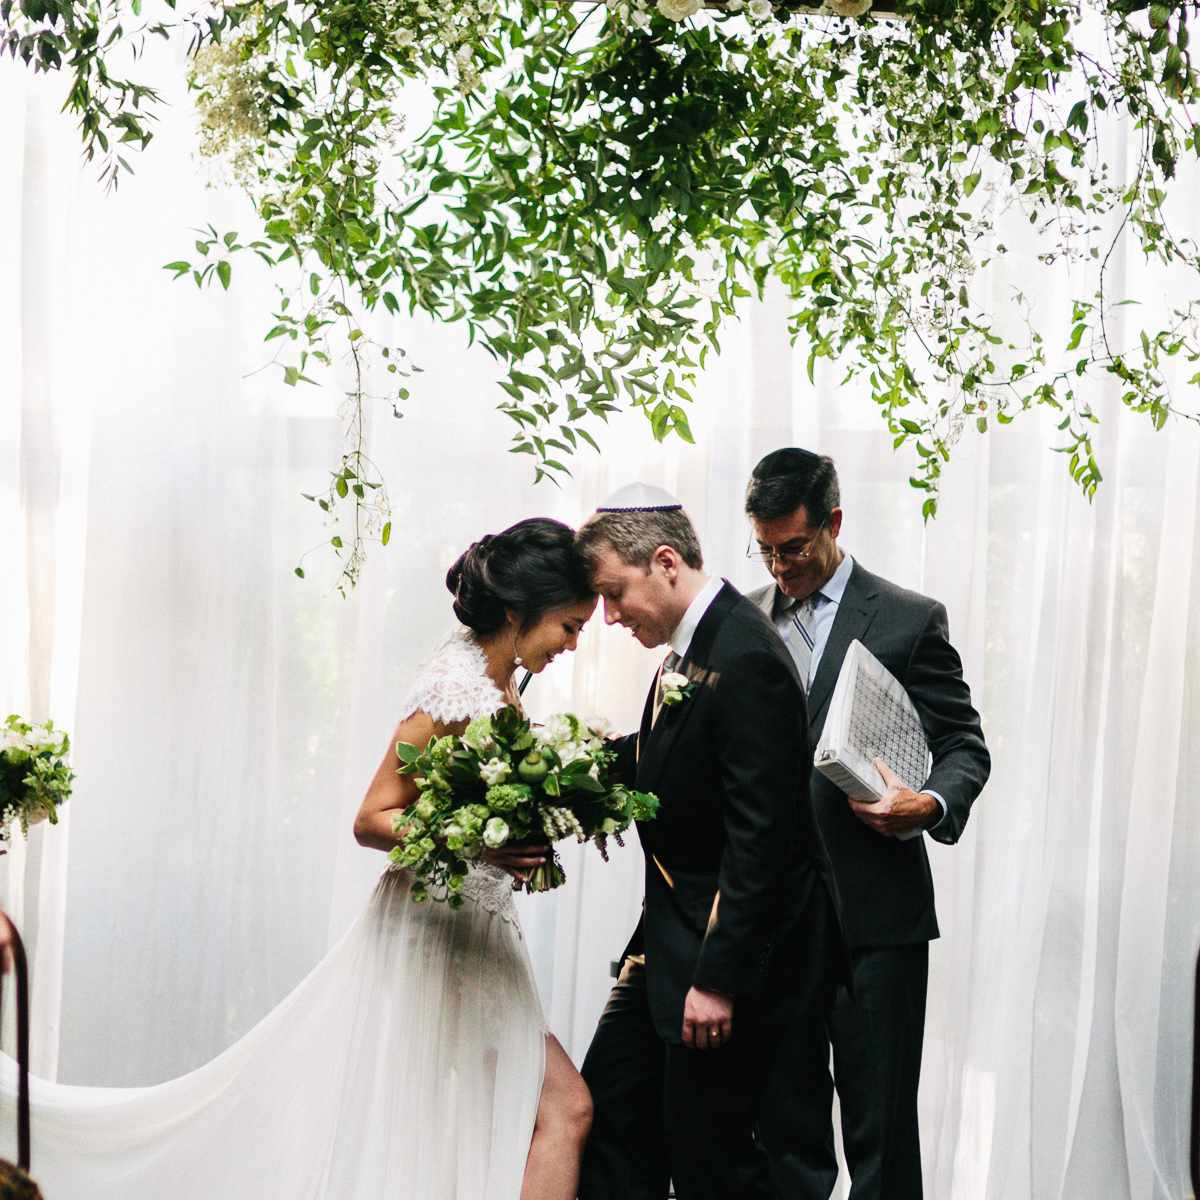 Bride and groom smash glass